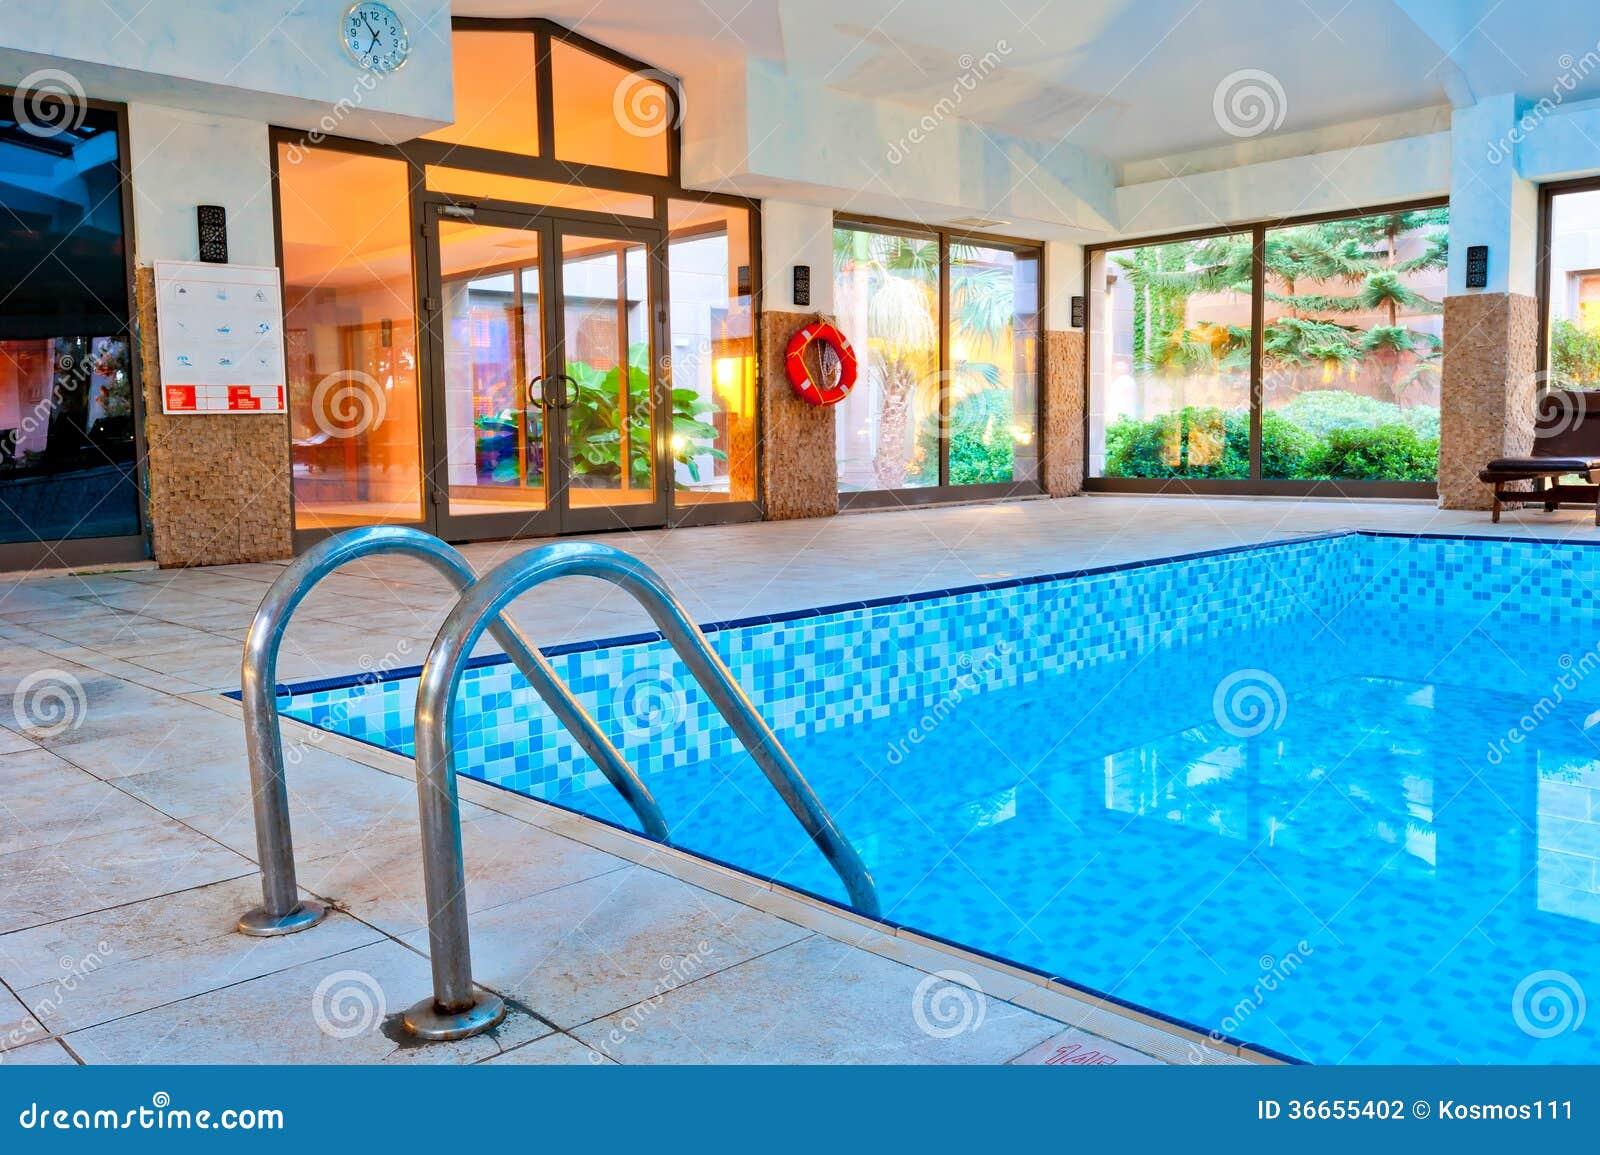 Спуск в бассейн, и спасательный жилет на стене